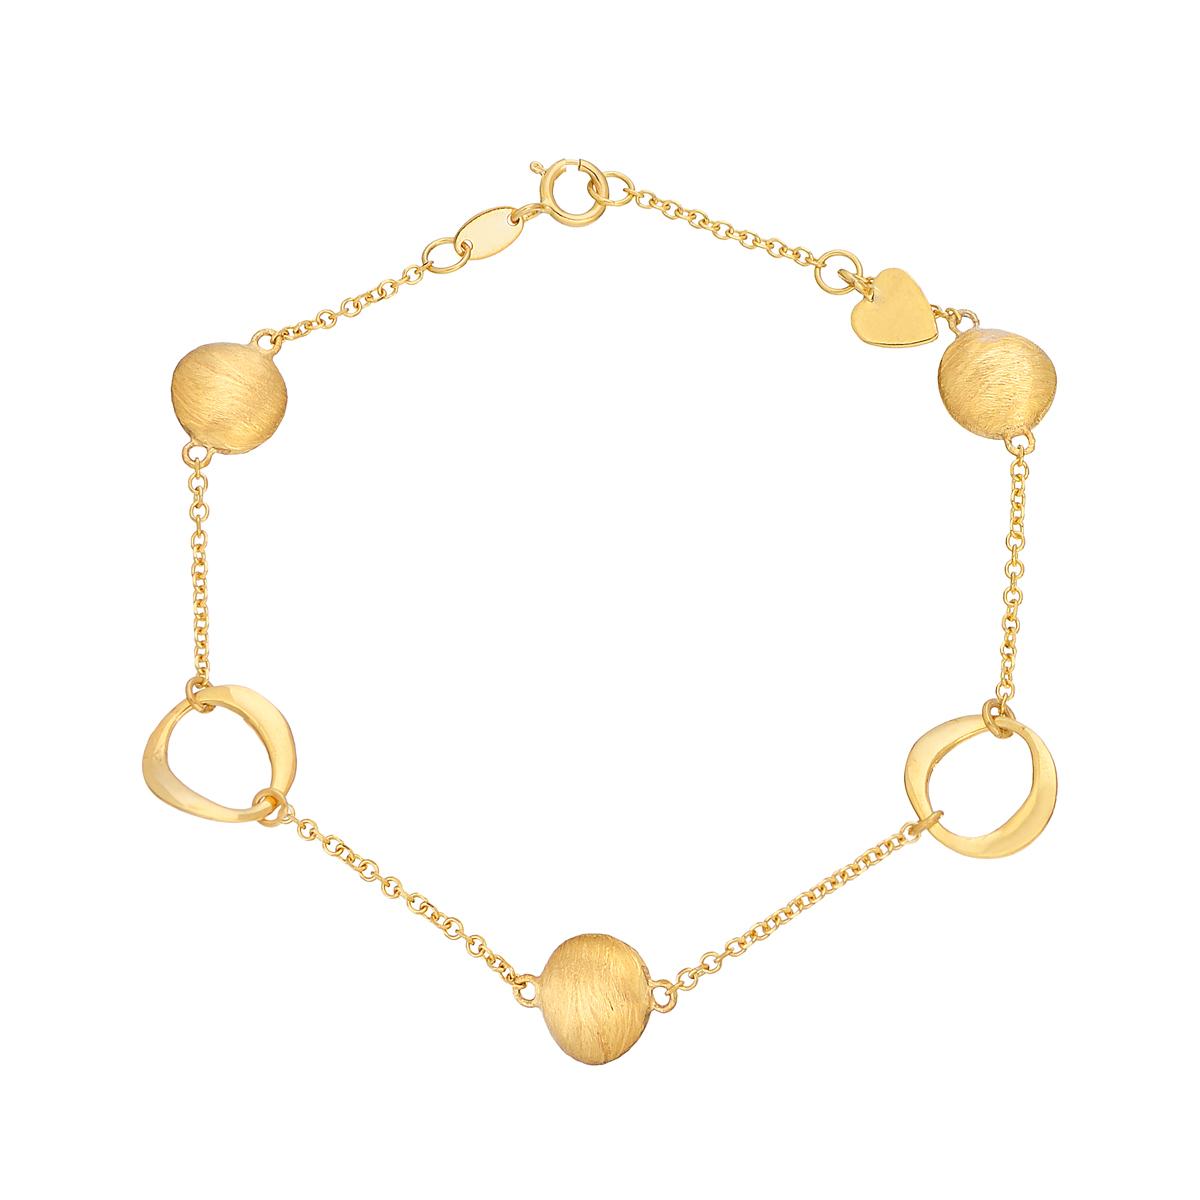 χρυσο βραχιολι πετρος τασουλης κοσμηματα